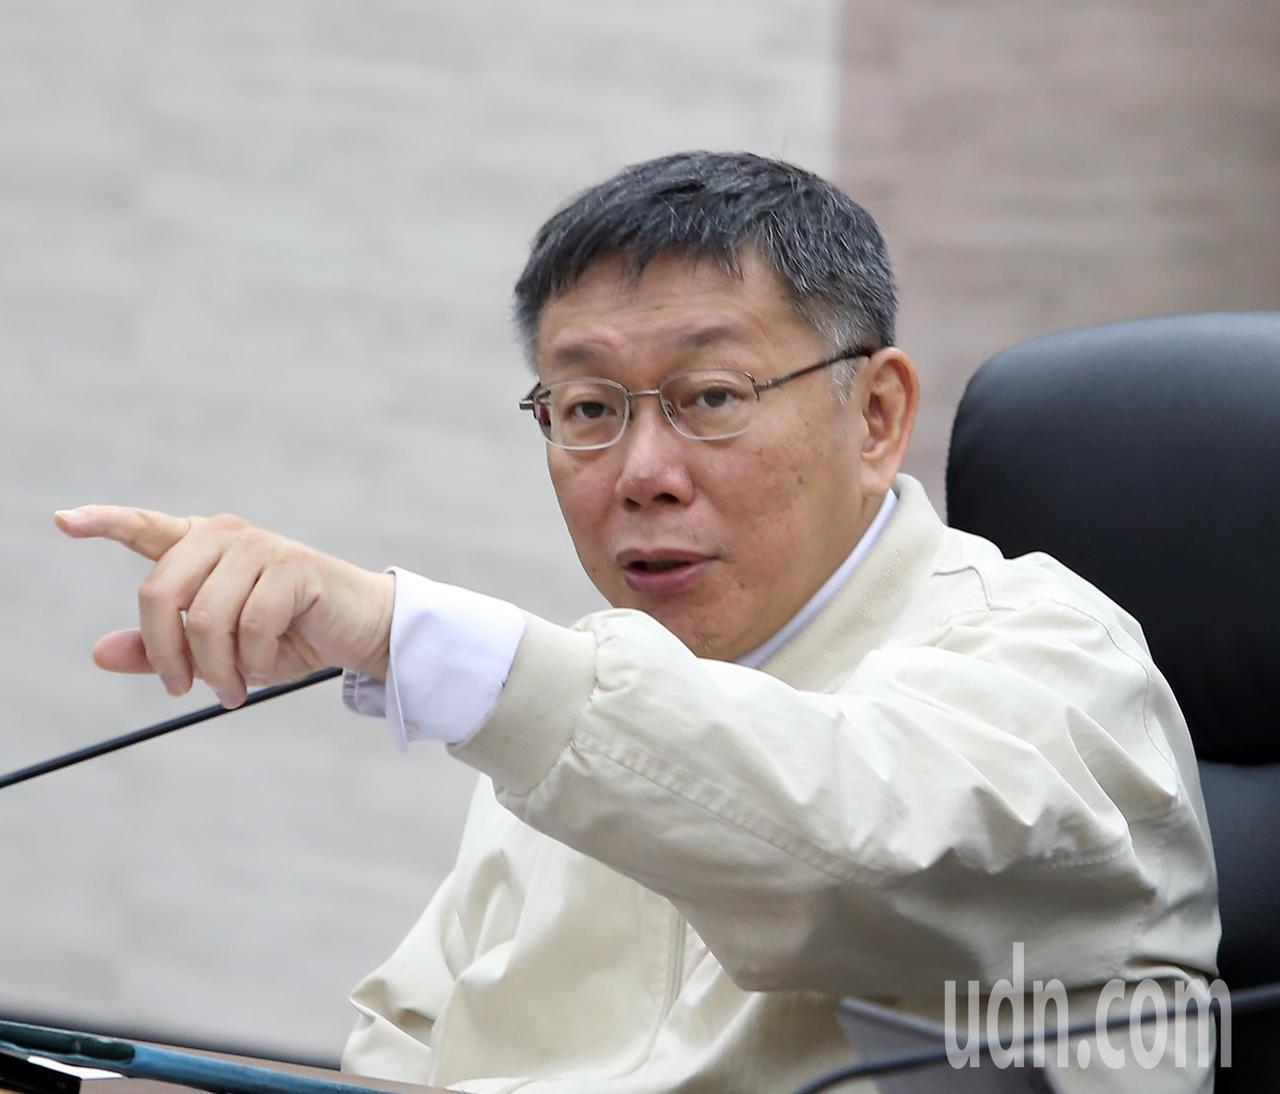 前民進黨立委沈富雄認為韓流不可能站在柯文哲這一邊,直言柯文哲2020絕對選不上。...